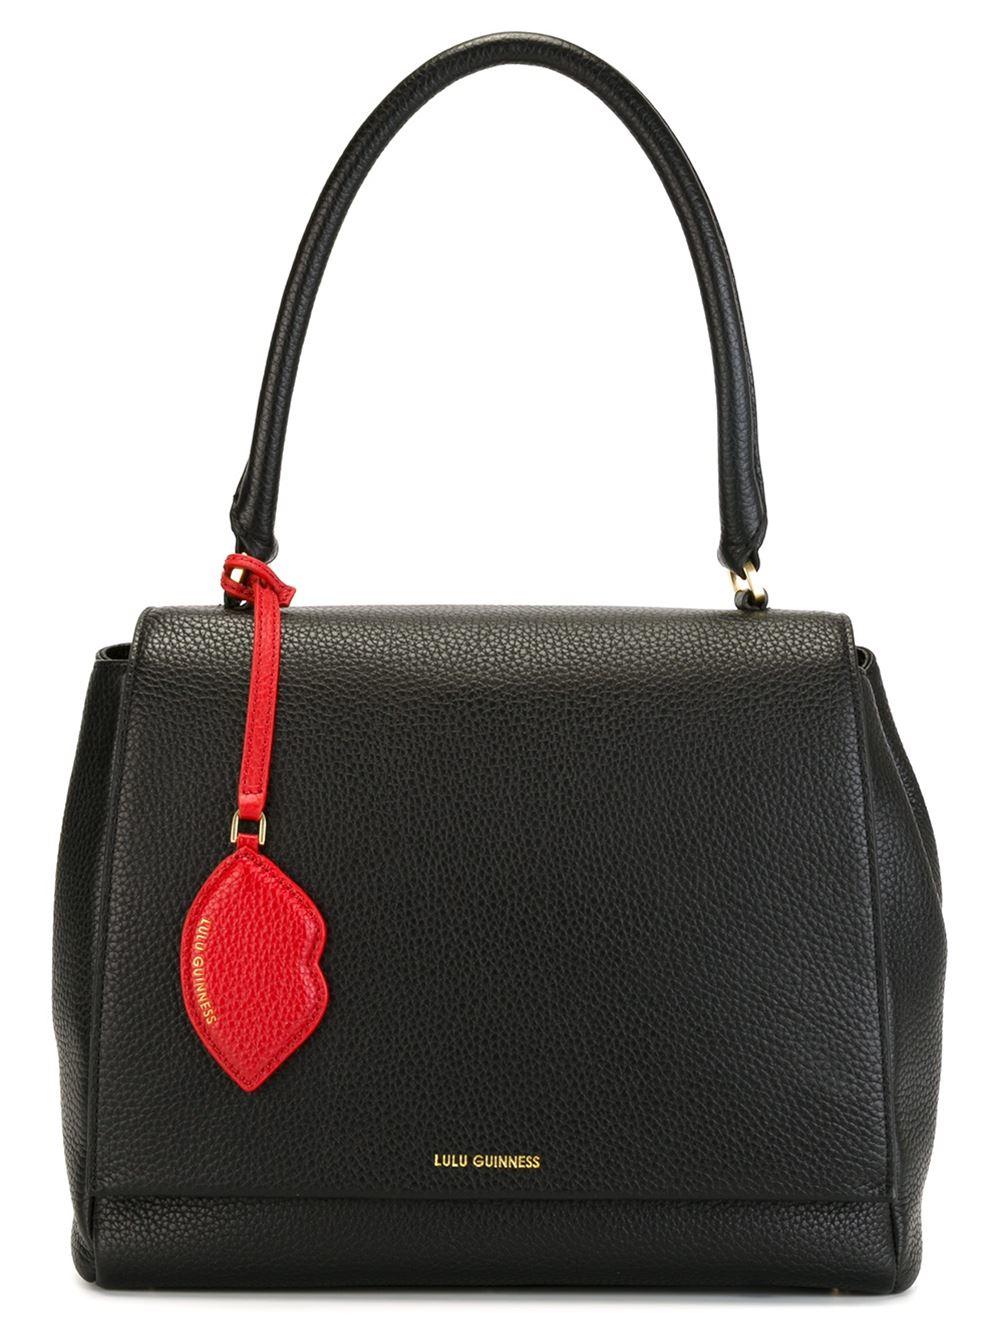 Lulu guinness 'rita' Handbag in Black